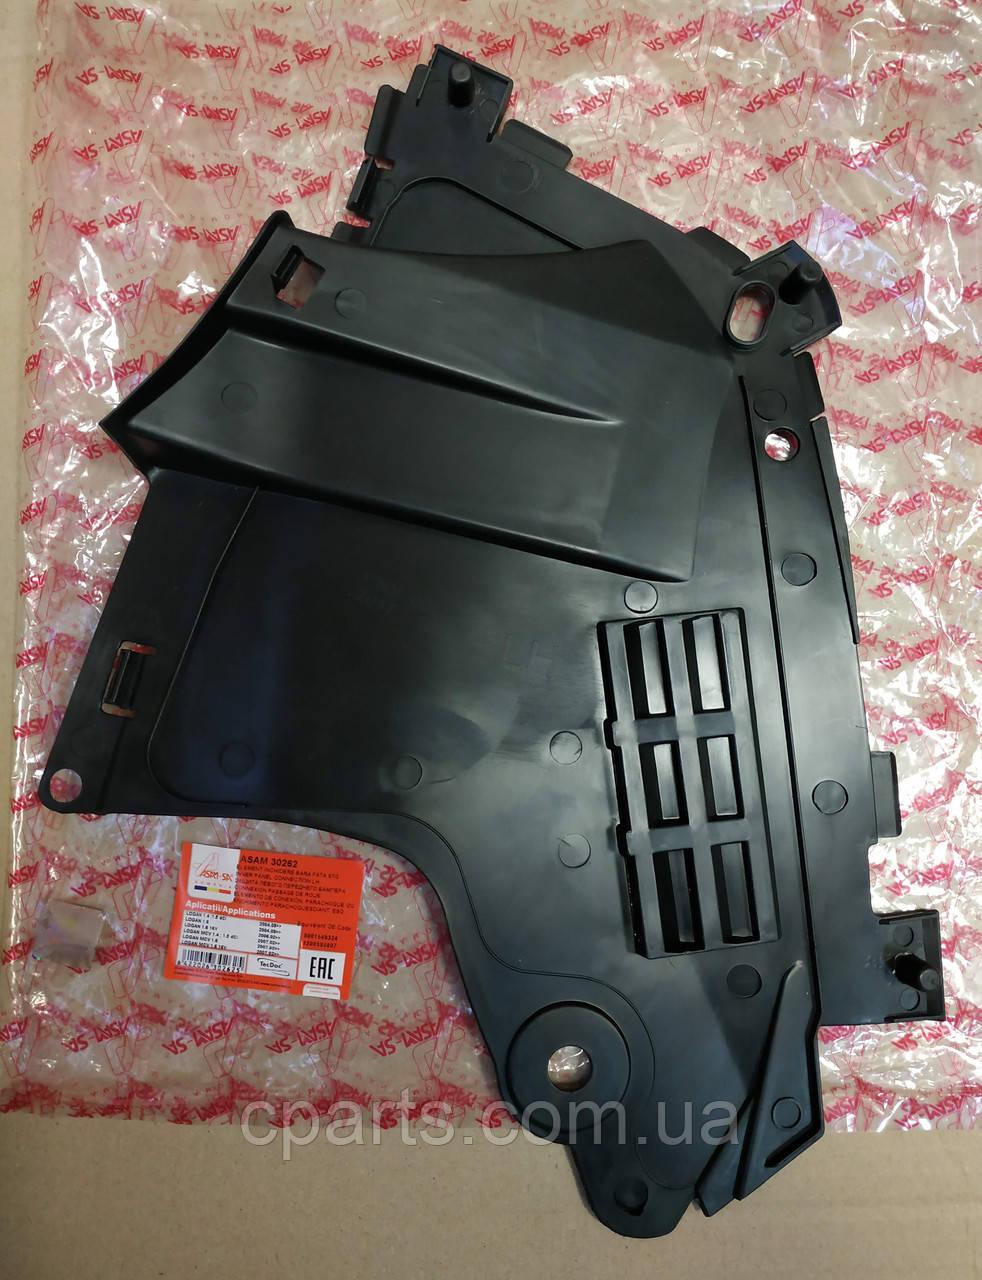 Защита бампера левая Dacia Logan MCV (Asam 30262)(среднее качество)